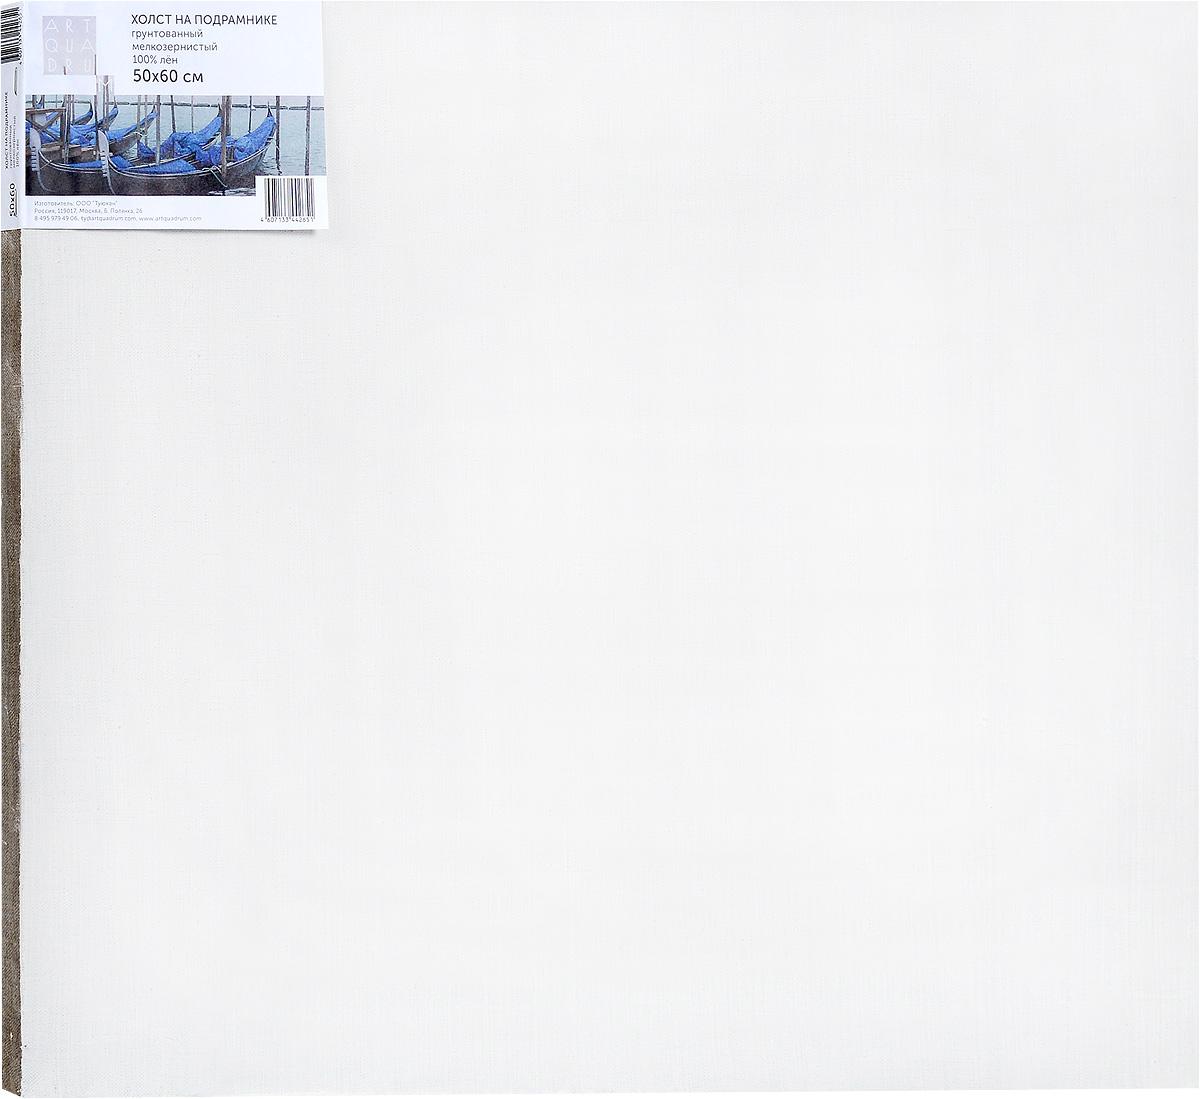 Холст ArtQuaDram Мелкозернистый на подрамнике, грунтованный, 50 х 60 смТ0003841Холст на деревянном подрамнике ArtQuaDram Мелкозернистый изготовлен из 100% натурального льна. Подходит для профессионалов и художников. Холст не трескается, не впитывает слишком много краски, цвет краски и качество не изменяются. Холст идеально подходит для масляной и акриловой живописи.